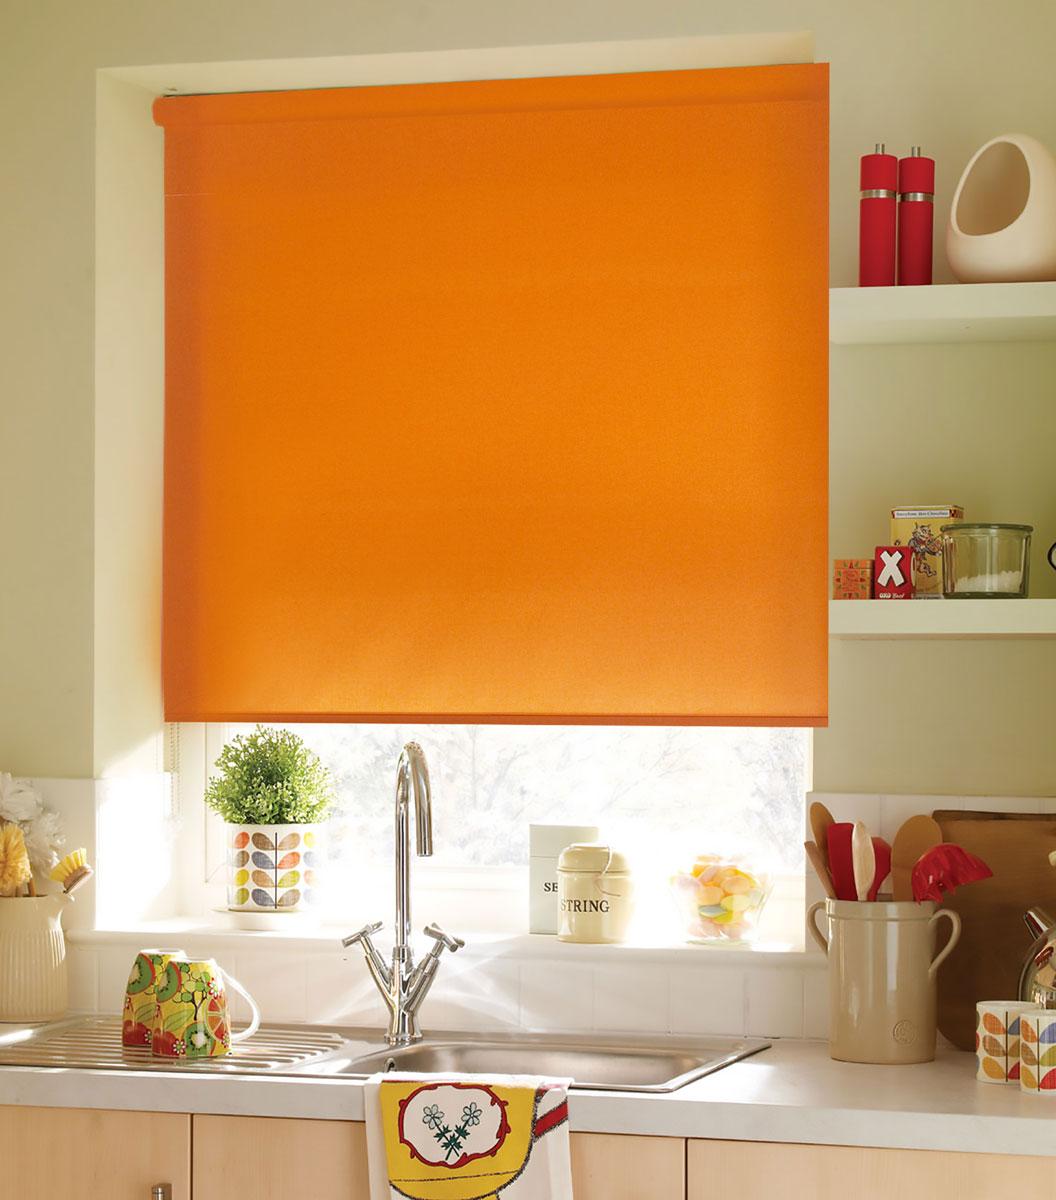 Миниролло KauffOrt 52х170 см, цвет: оранжевый